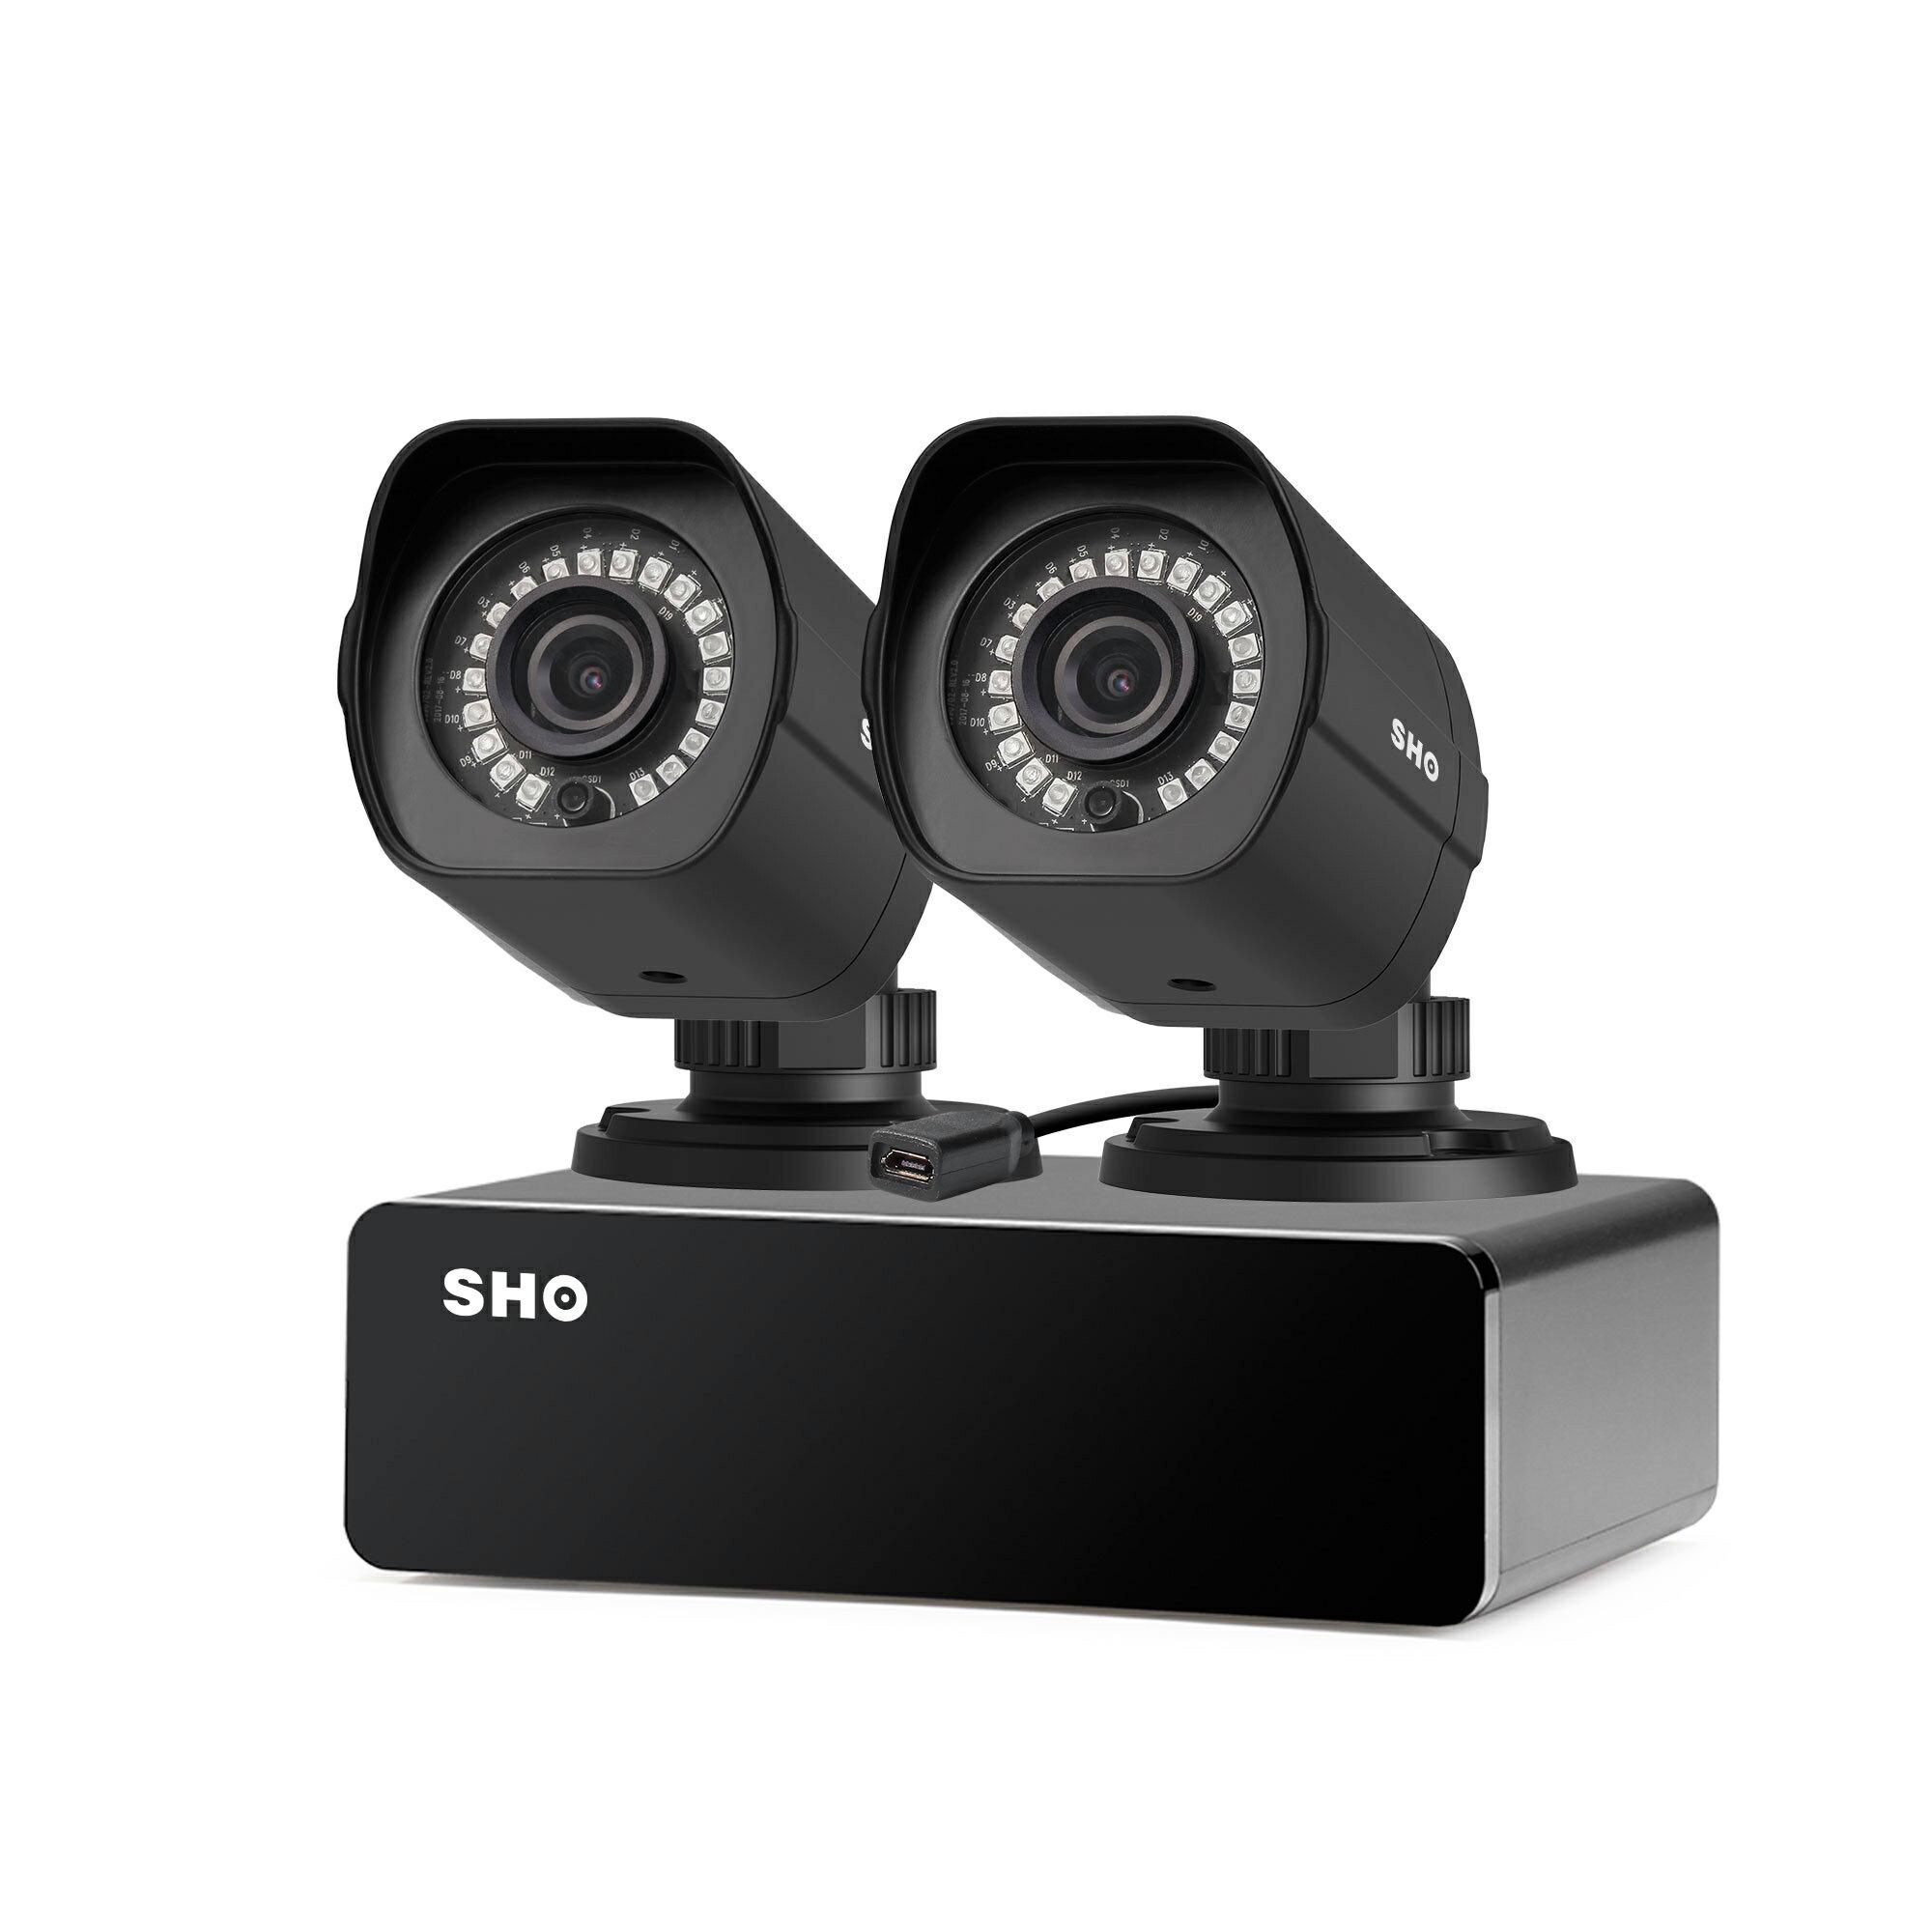 videosecu ir security camera wiring diagram on